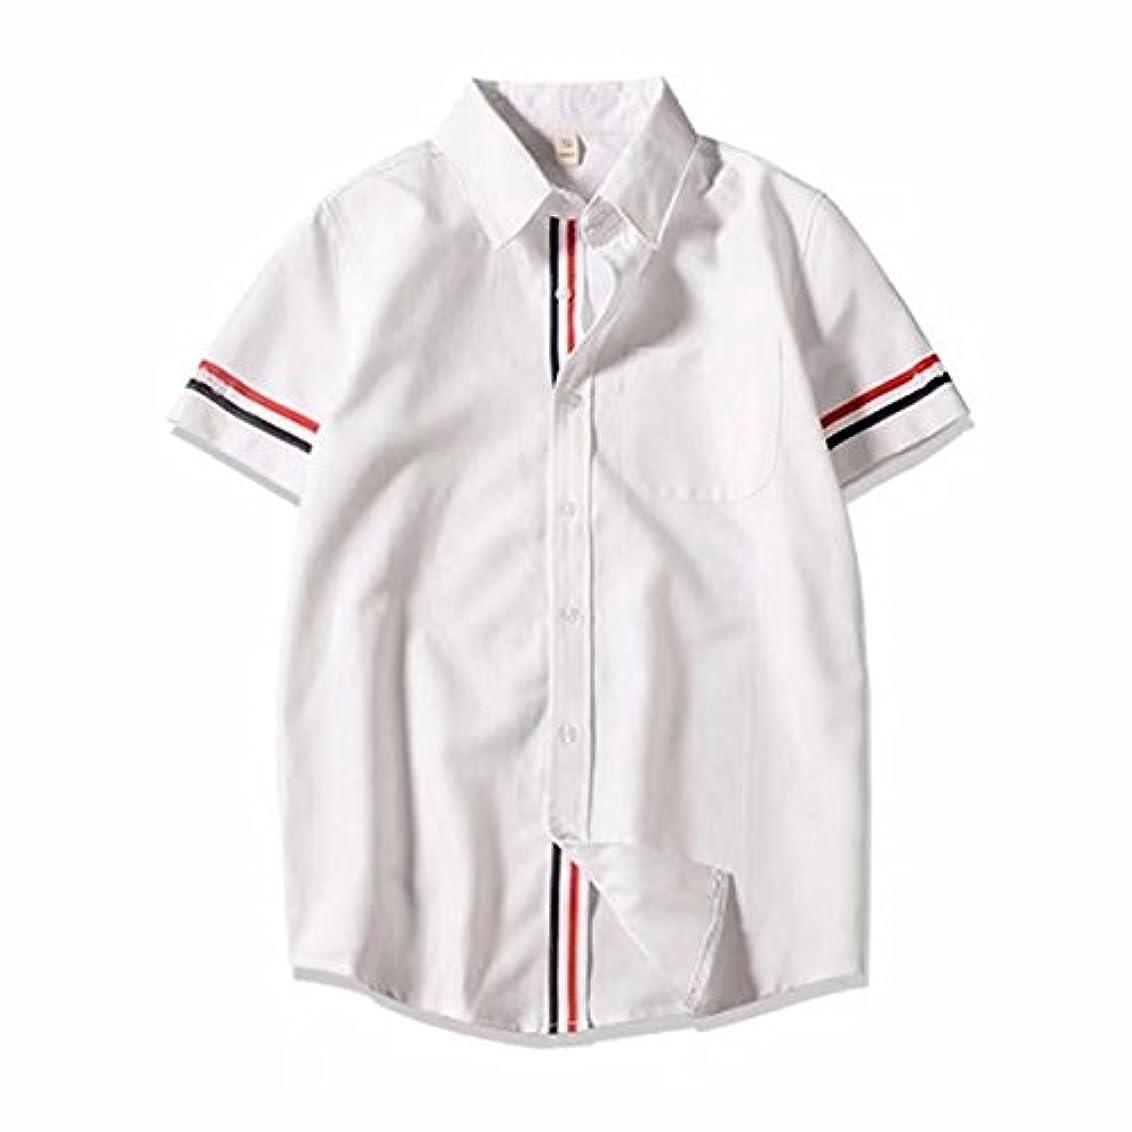 アルコールパワーセル彼らはBOXUANメンズ Yシャツ ストレッチ スリムシャツ 素晴らしい 純色 パッチポケット 半袖 ボタンアップ シャツ ホワイト ビジネス